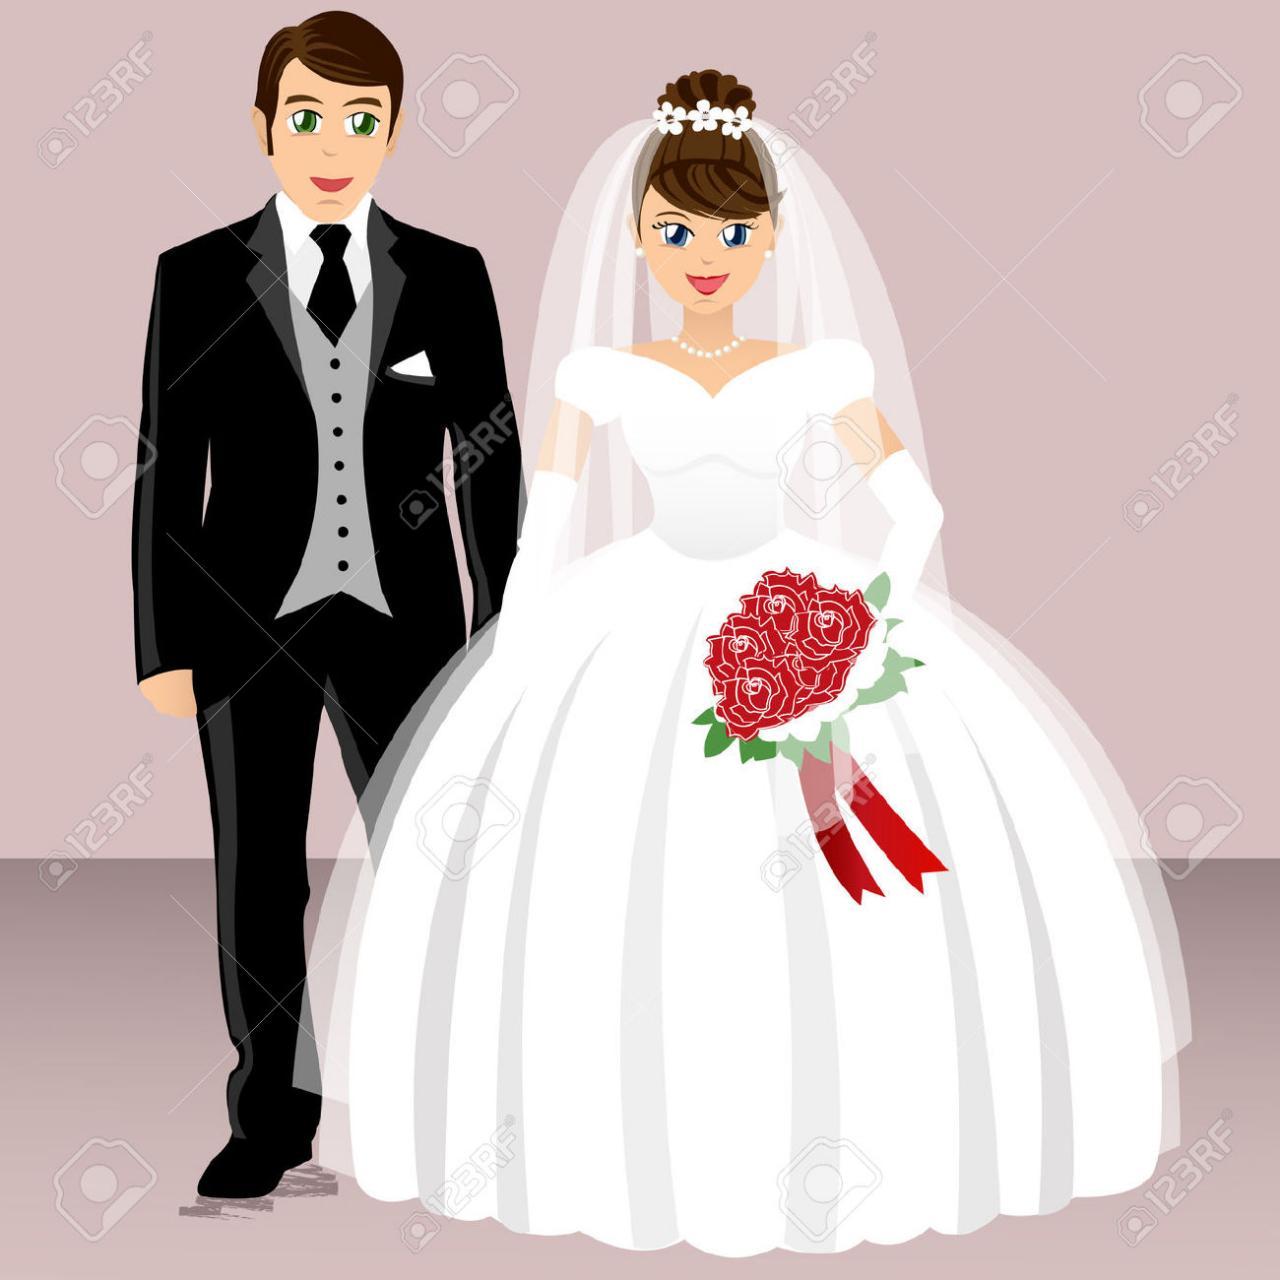 صور مكتوب عليها اخت العروسه 2020 34